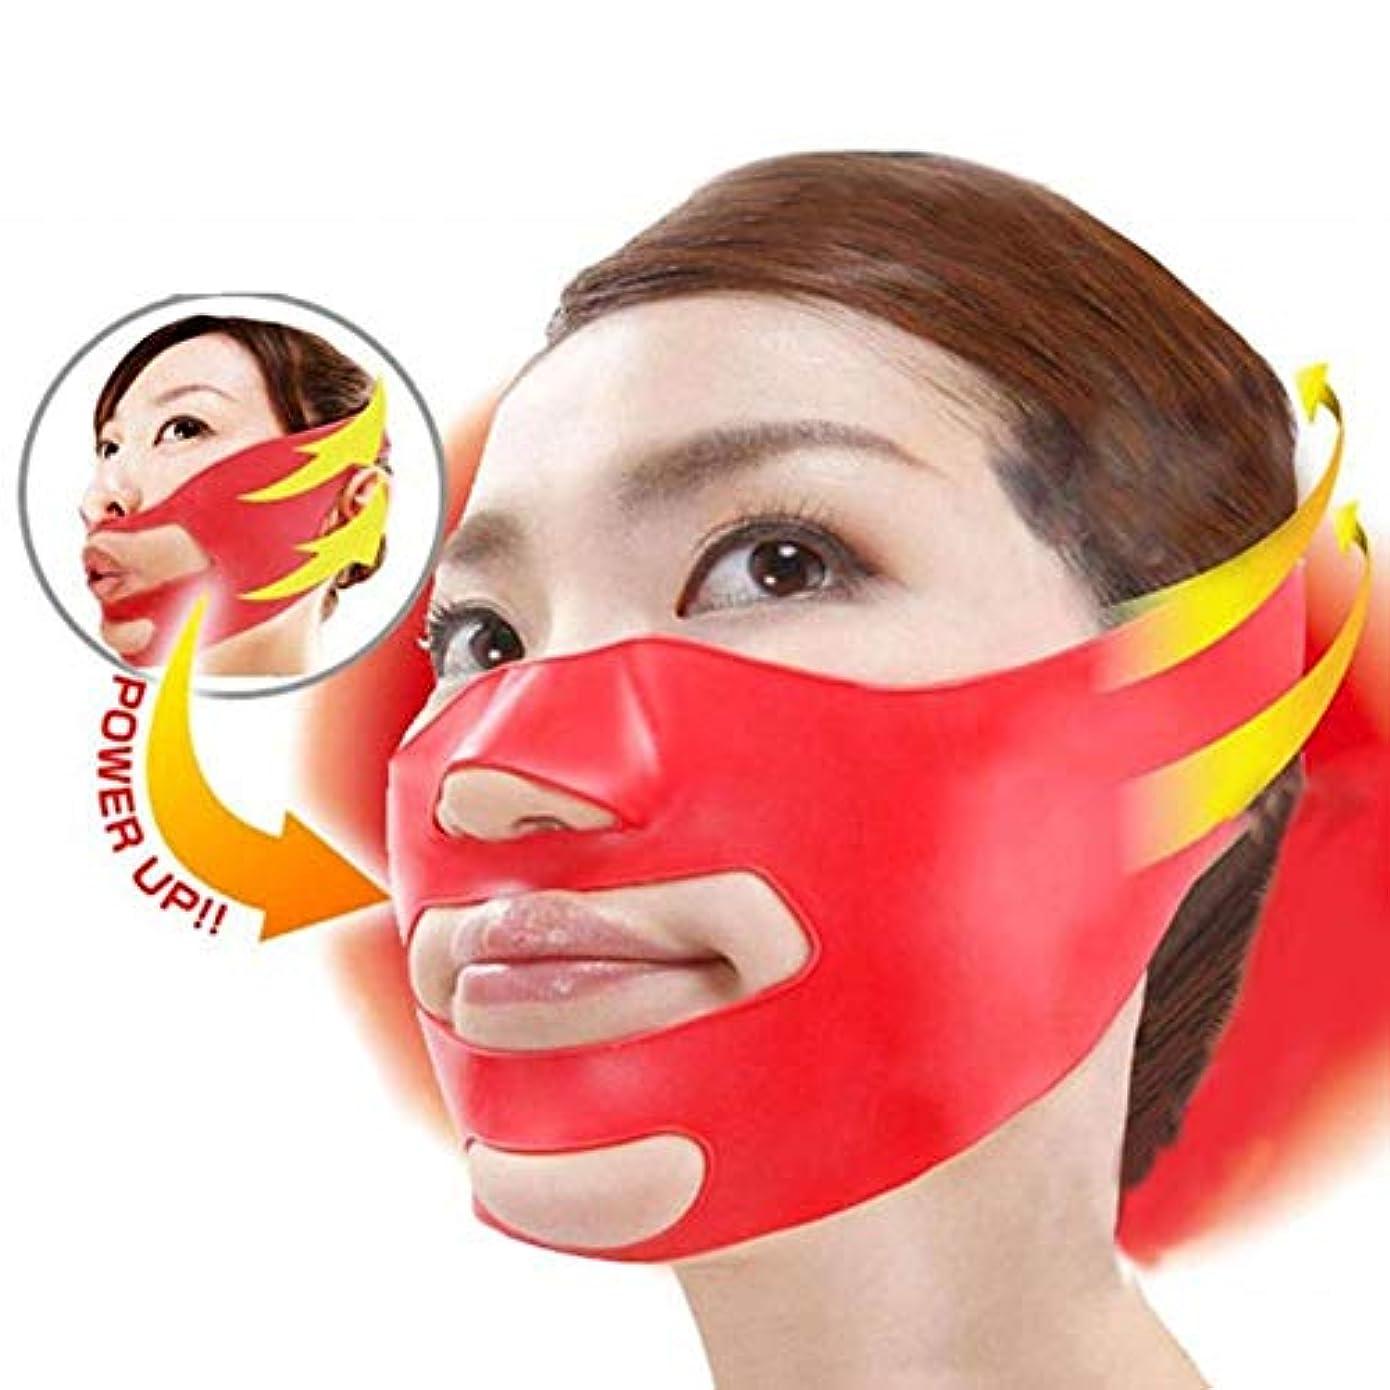 騒怒ってもちろん1ピース3dフェイスリフトツールフェイシャルシェイパーv頬リフトアップフェイスマスク痩身マスクベルト包帯成形整形スリム女性美容ツール